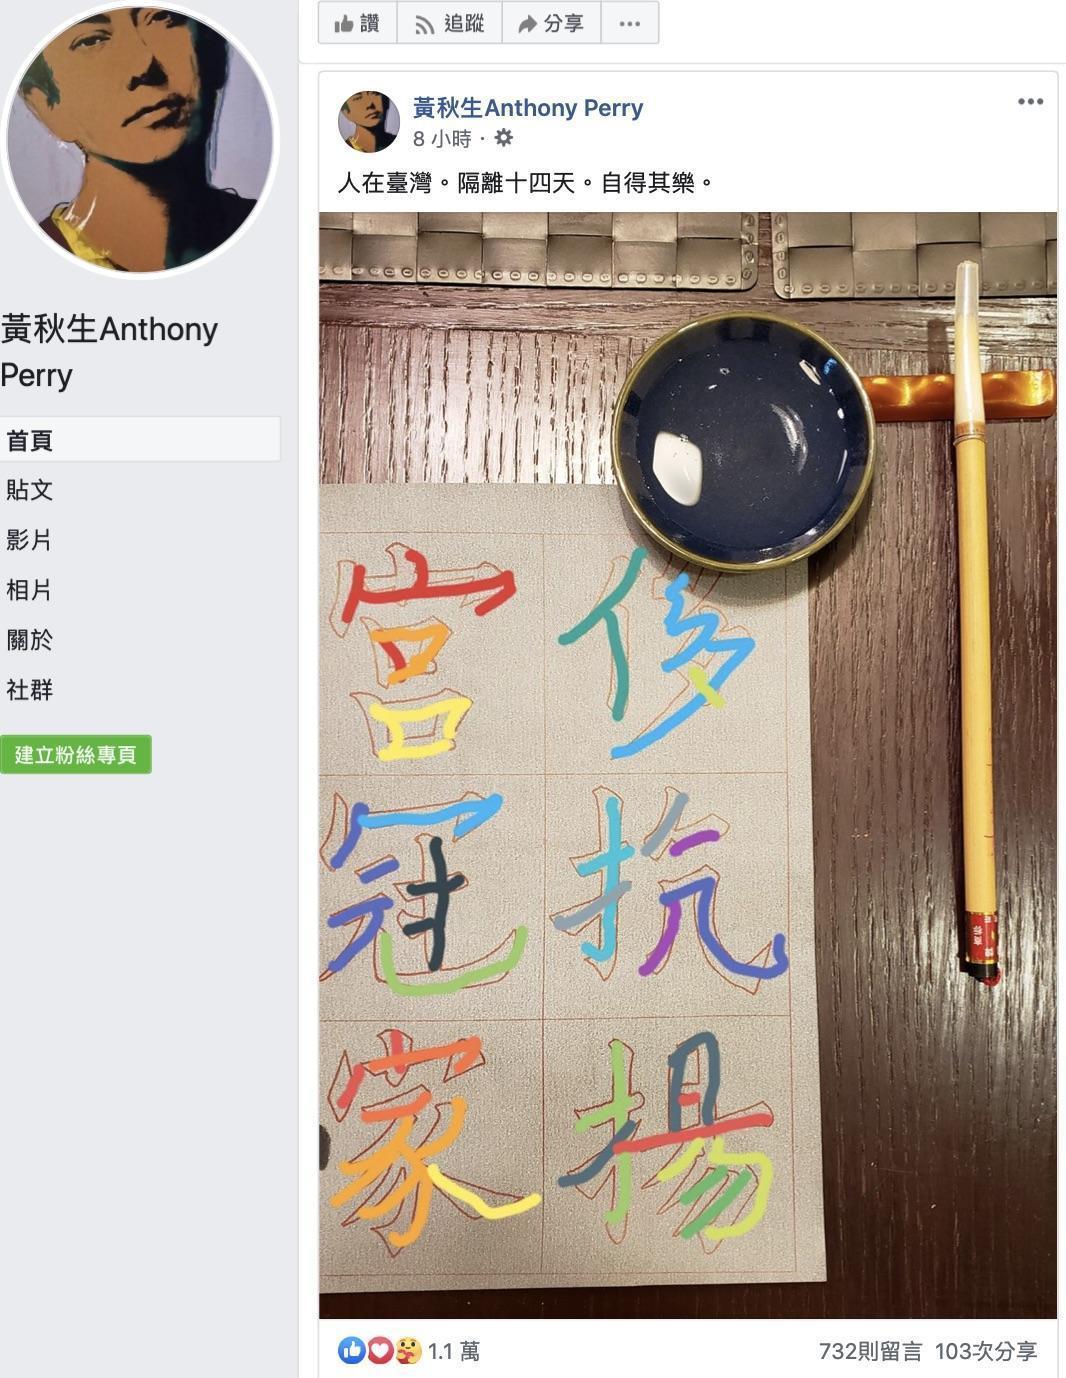 黃秋生在臉書貼出自己正在台灣進行14天檢疫,並且寫書法作為娛樂。(翻攝自黃秋生臉書)